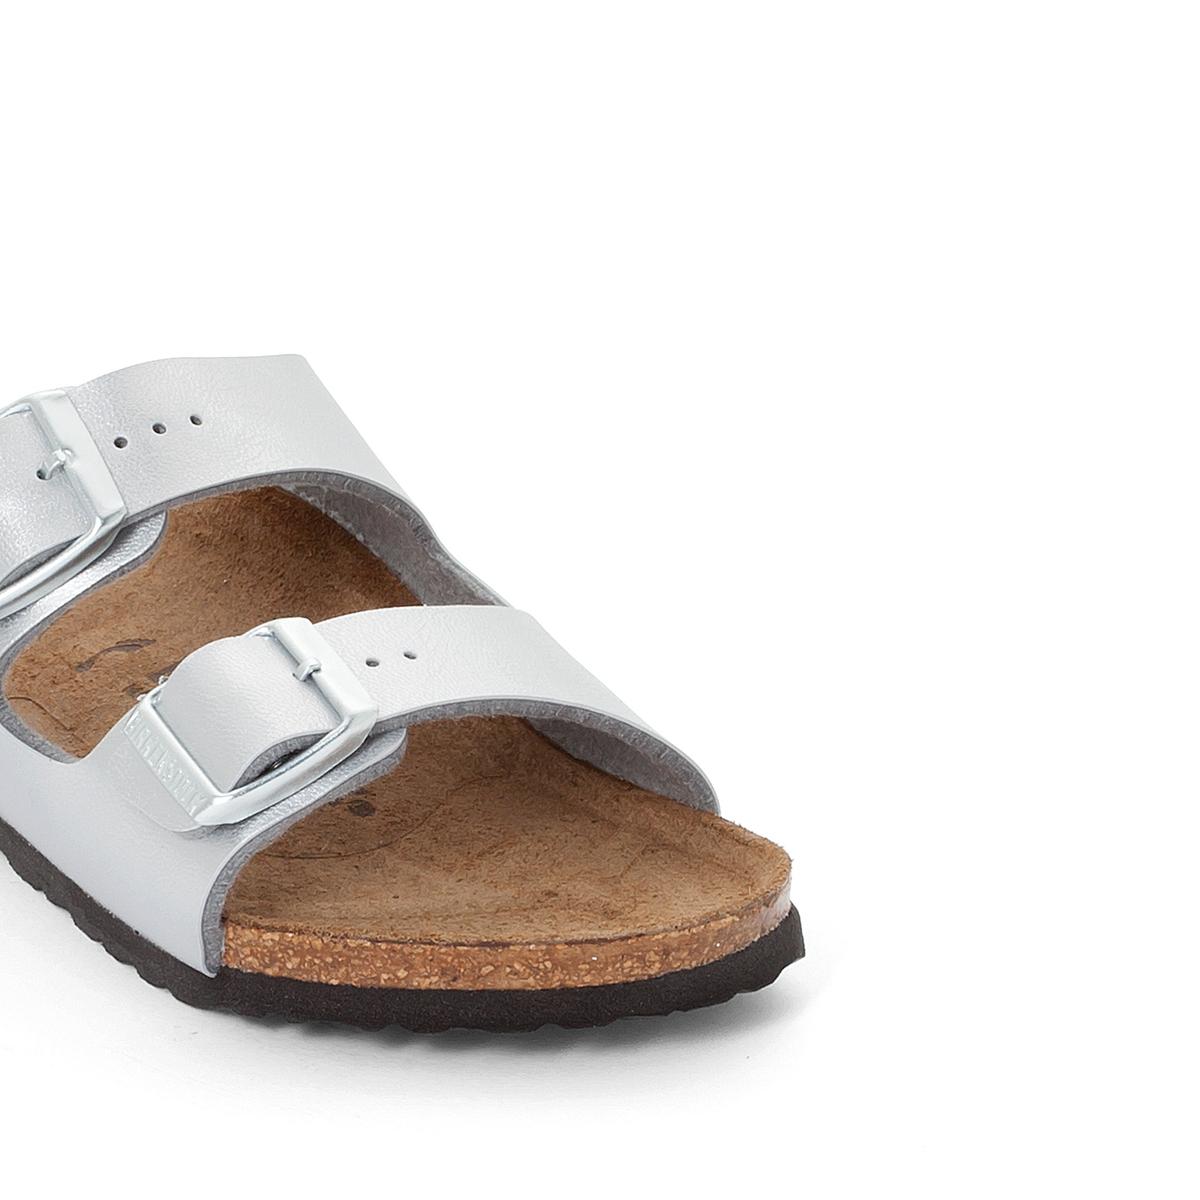 Туфли без задника синтетическиеДетали   •  Туфли без задника •  Застежка : без застежки •  Открытый мысокСостав и уход   •  Верх 100% синтетический материал •  Подкладка 100% текстиль •  Стелька 100% кожа •  Подошва 100% ЭВА<br><br>Цвет: серебристый<br>Размер: 31